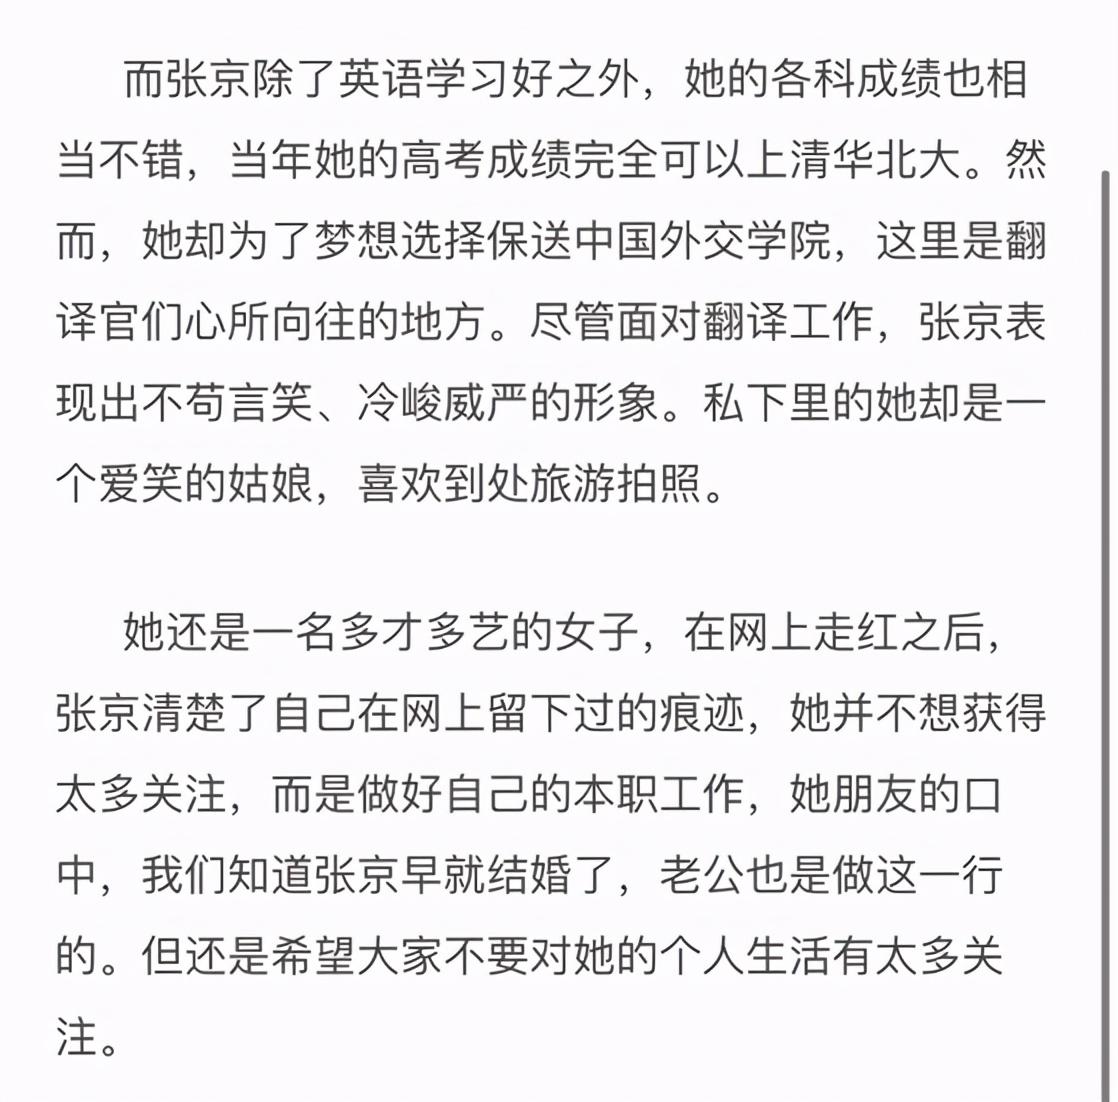 最美女翻译张京获网友追捧!大赞其是国宝,撞脸赵薇老公身份曝光